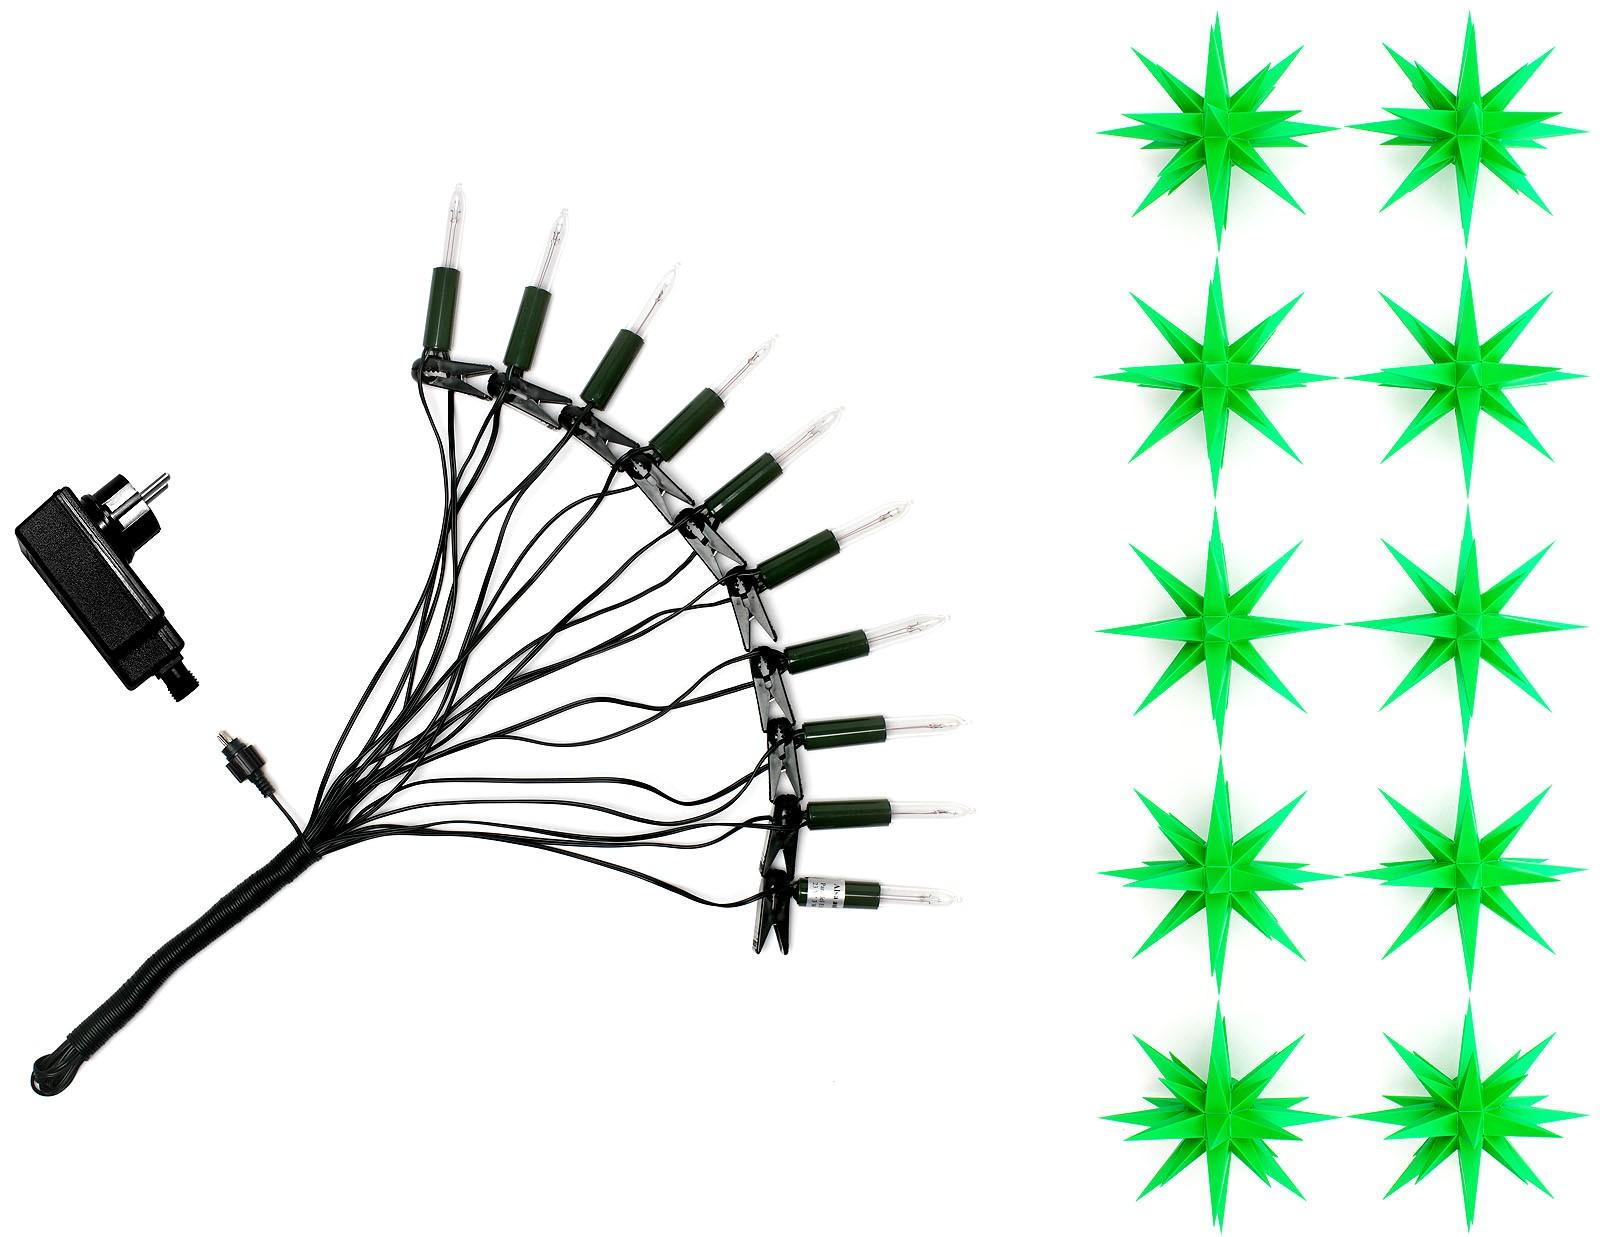 Herrnhuter Sternenkette, 10 Sterne grün